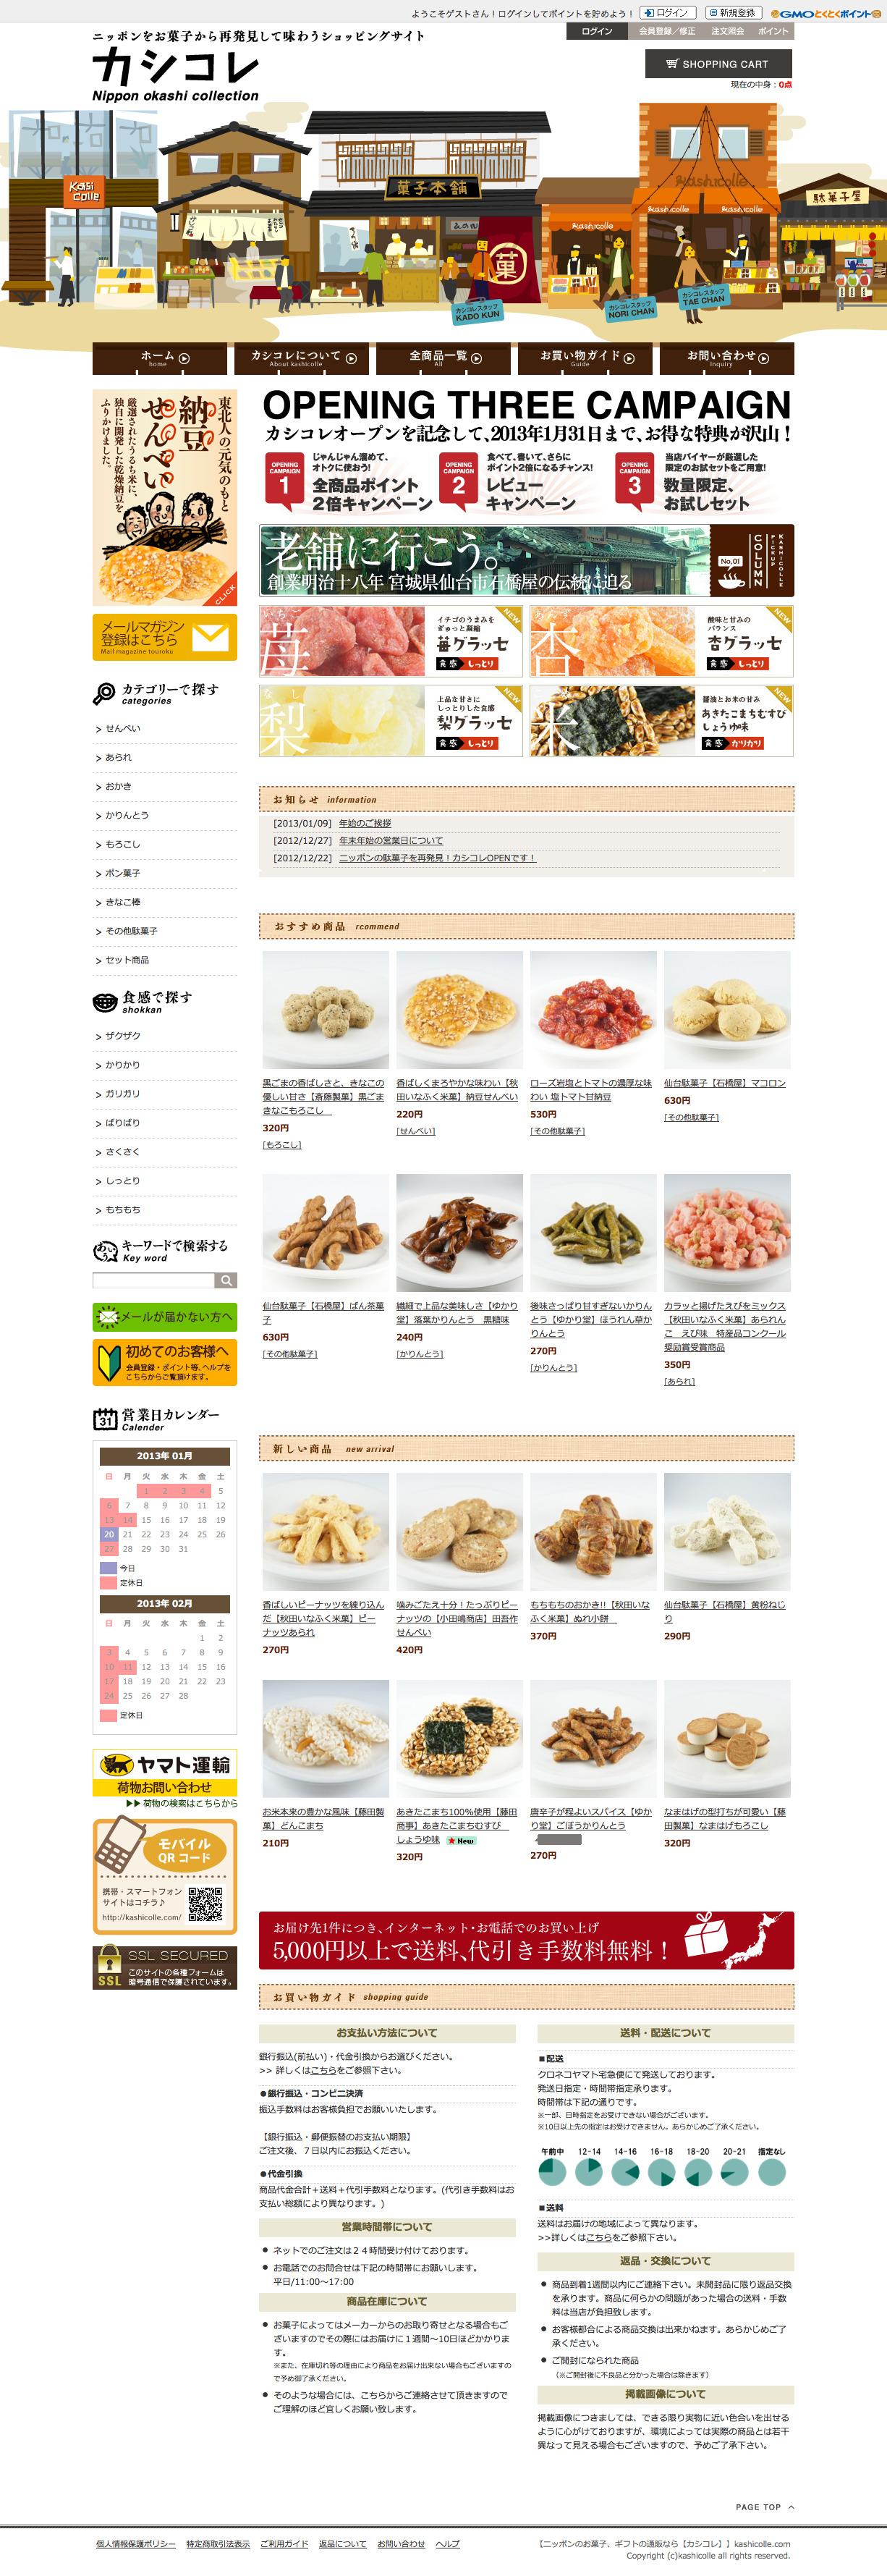 お菓子で幸せを届けます!ニッポンのお菓子、ギフトのことならショッピングサイト【カシコレ】